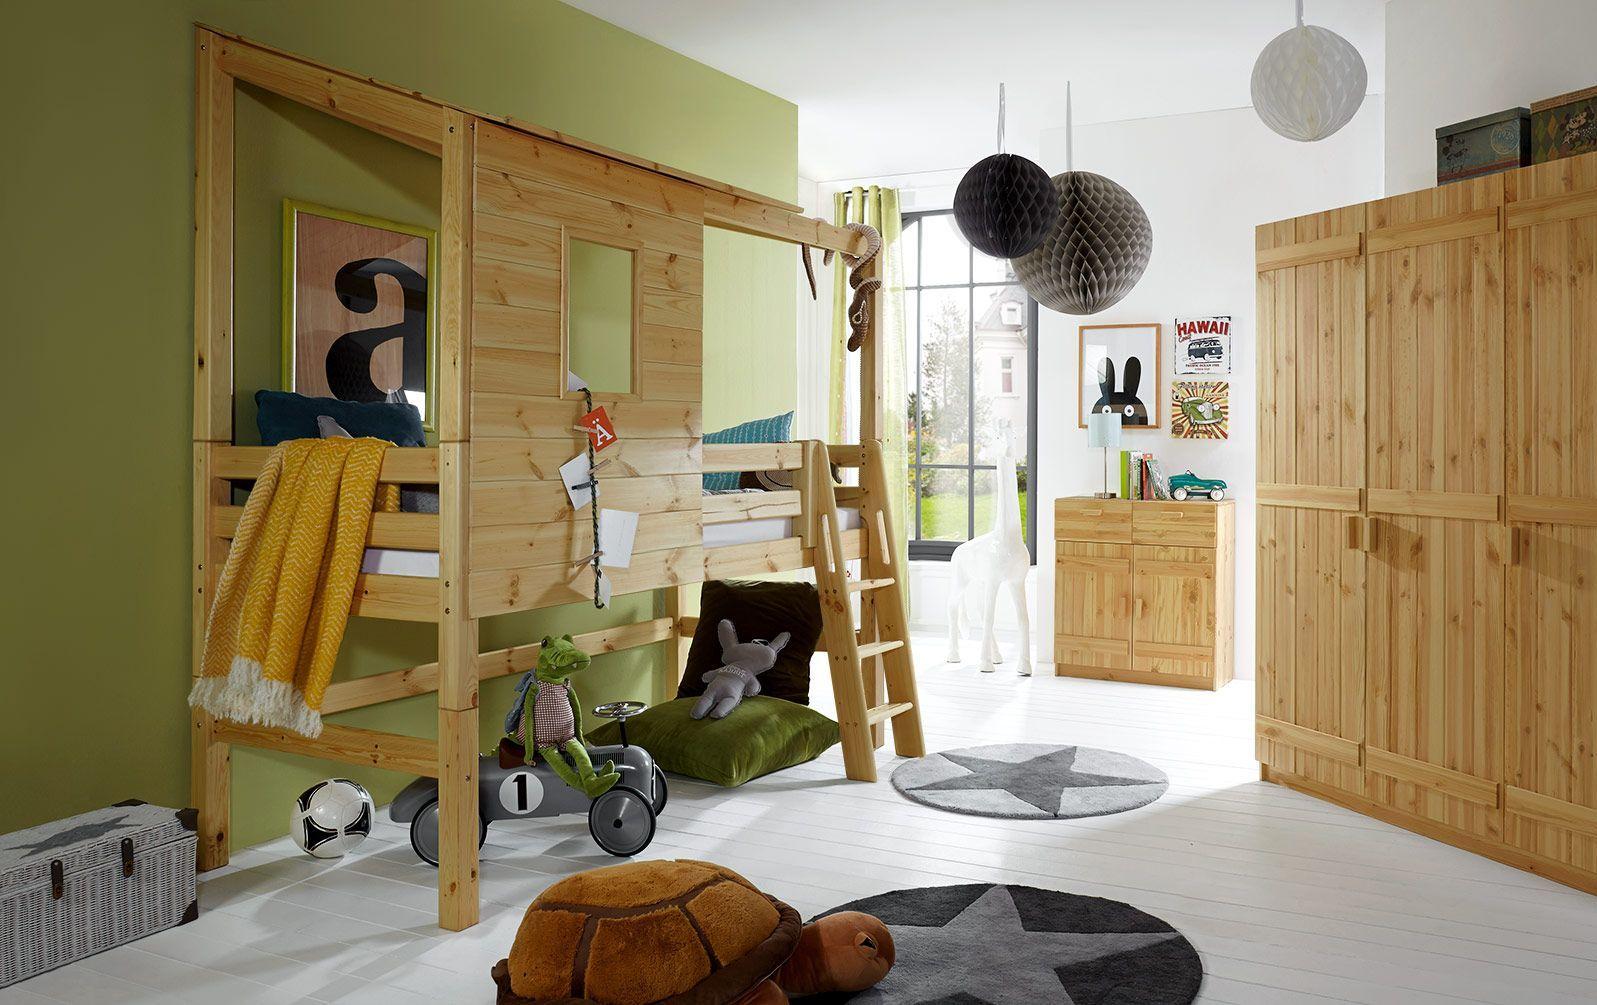 Abenteuer-Hochbett Kids Paradise in gelaugter Kiefer mit 117 cm Bettrahmenhöhe